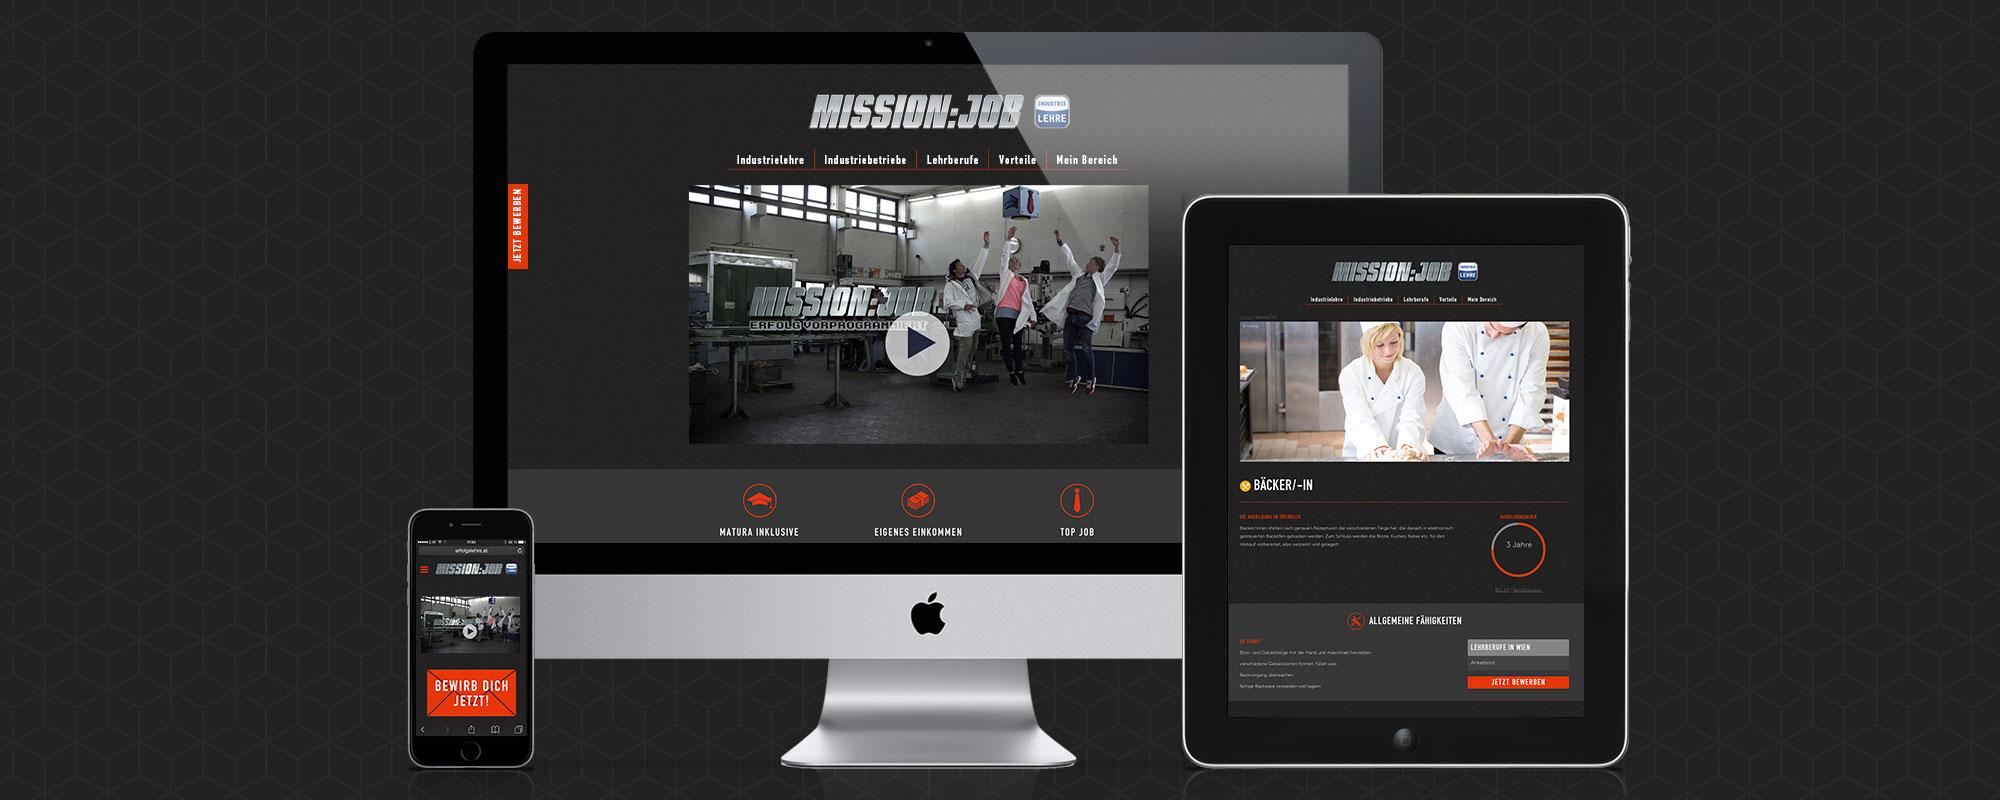 WKO_MJ2_Kampagne_Homepage_05